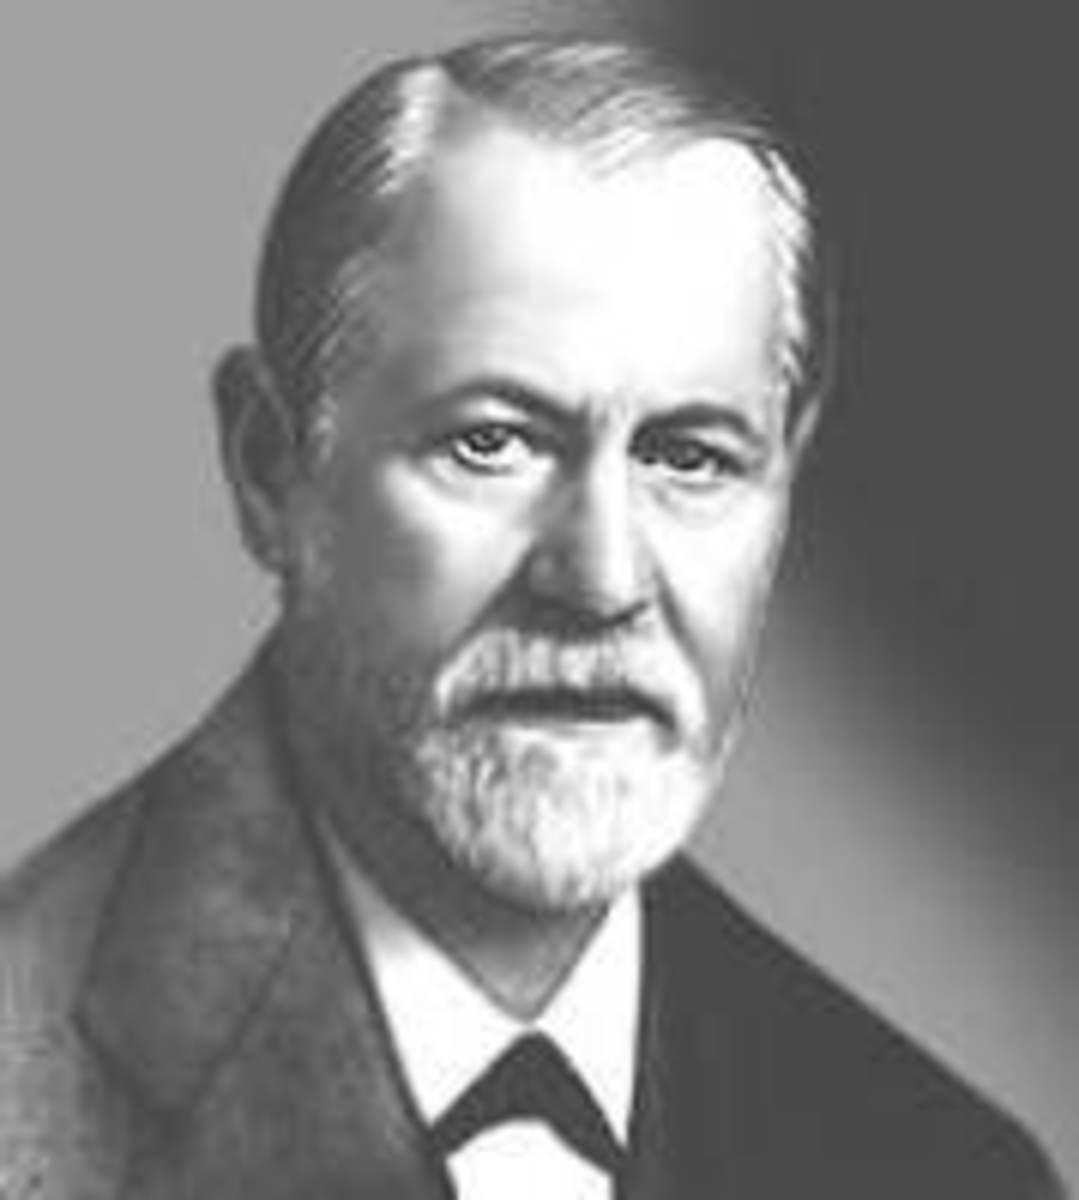 Sigmund Freud, psychoanalyst (1856-1939)